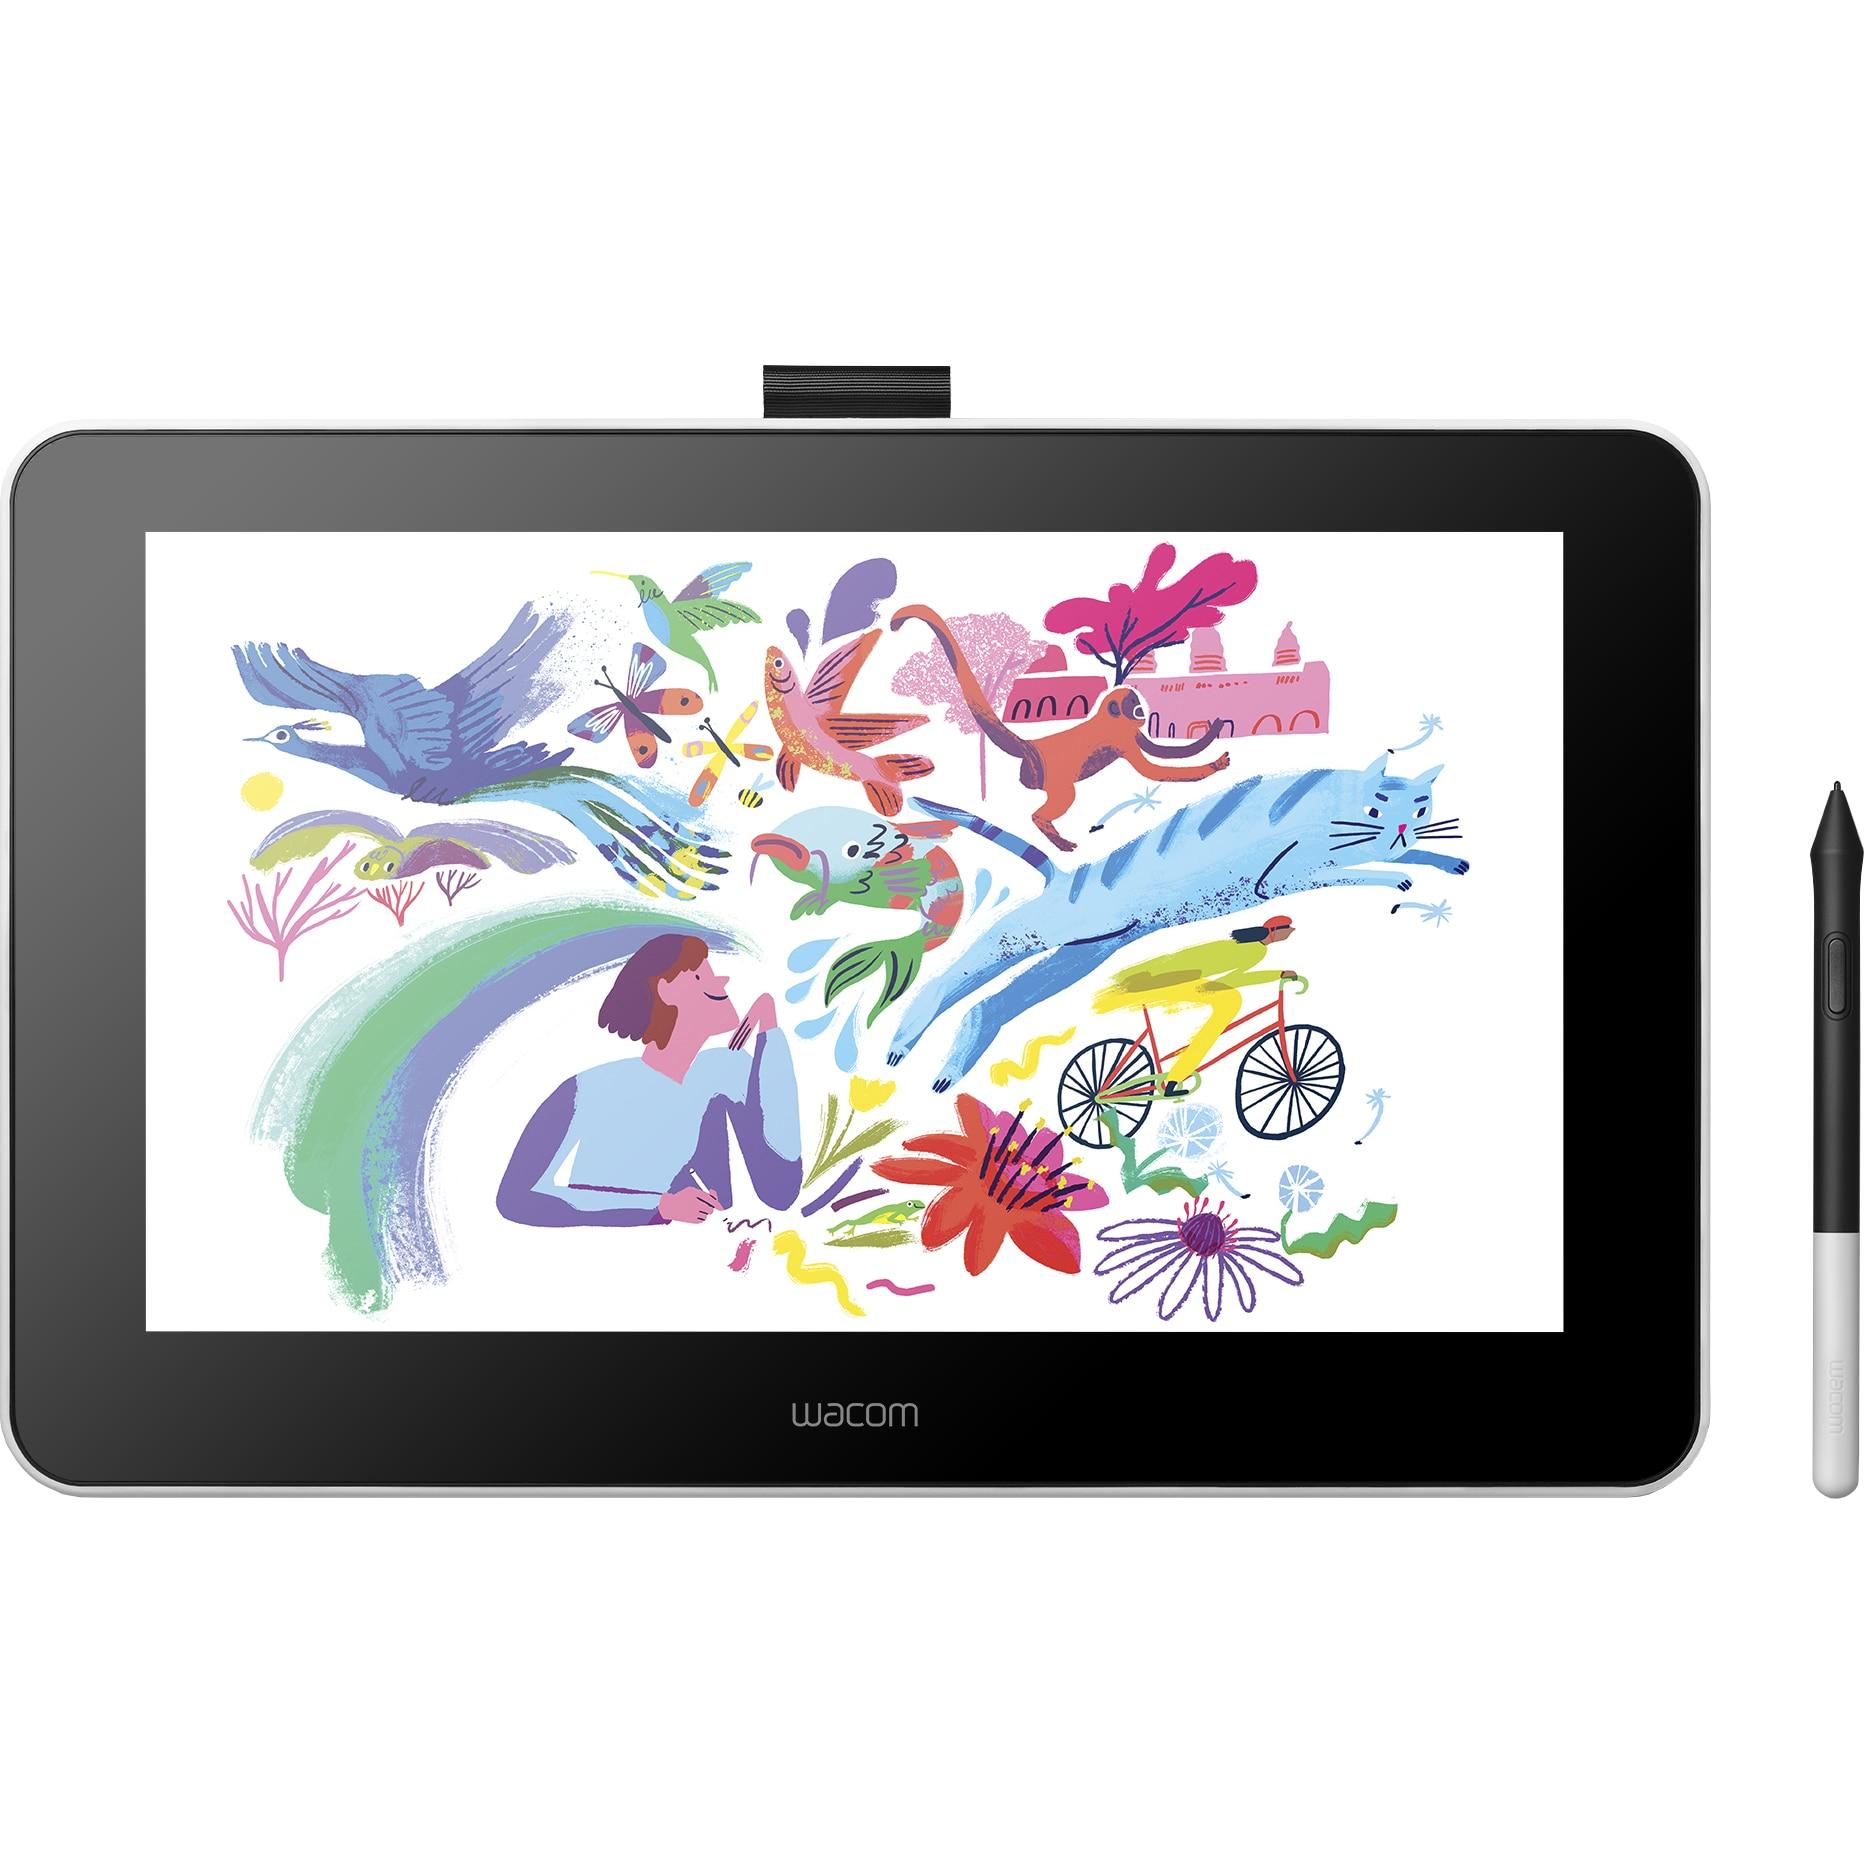 Fotografie Tableta grafica Wacom One 13